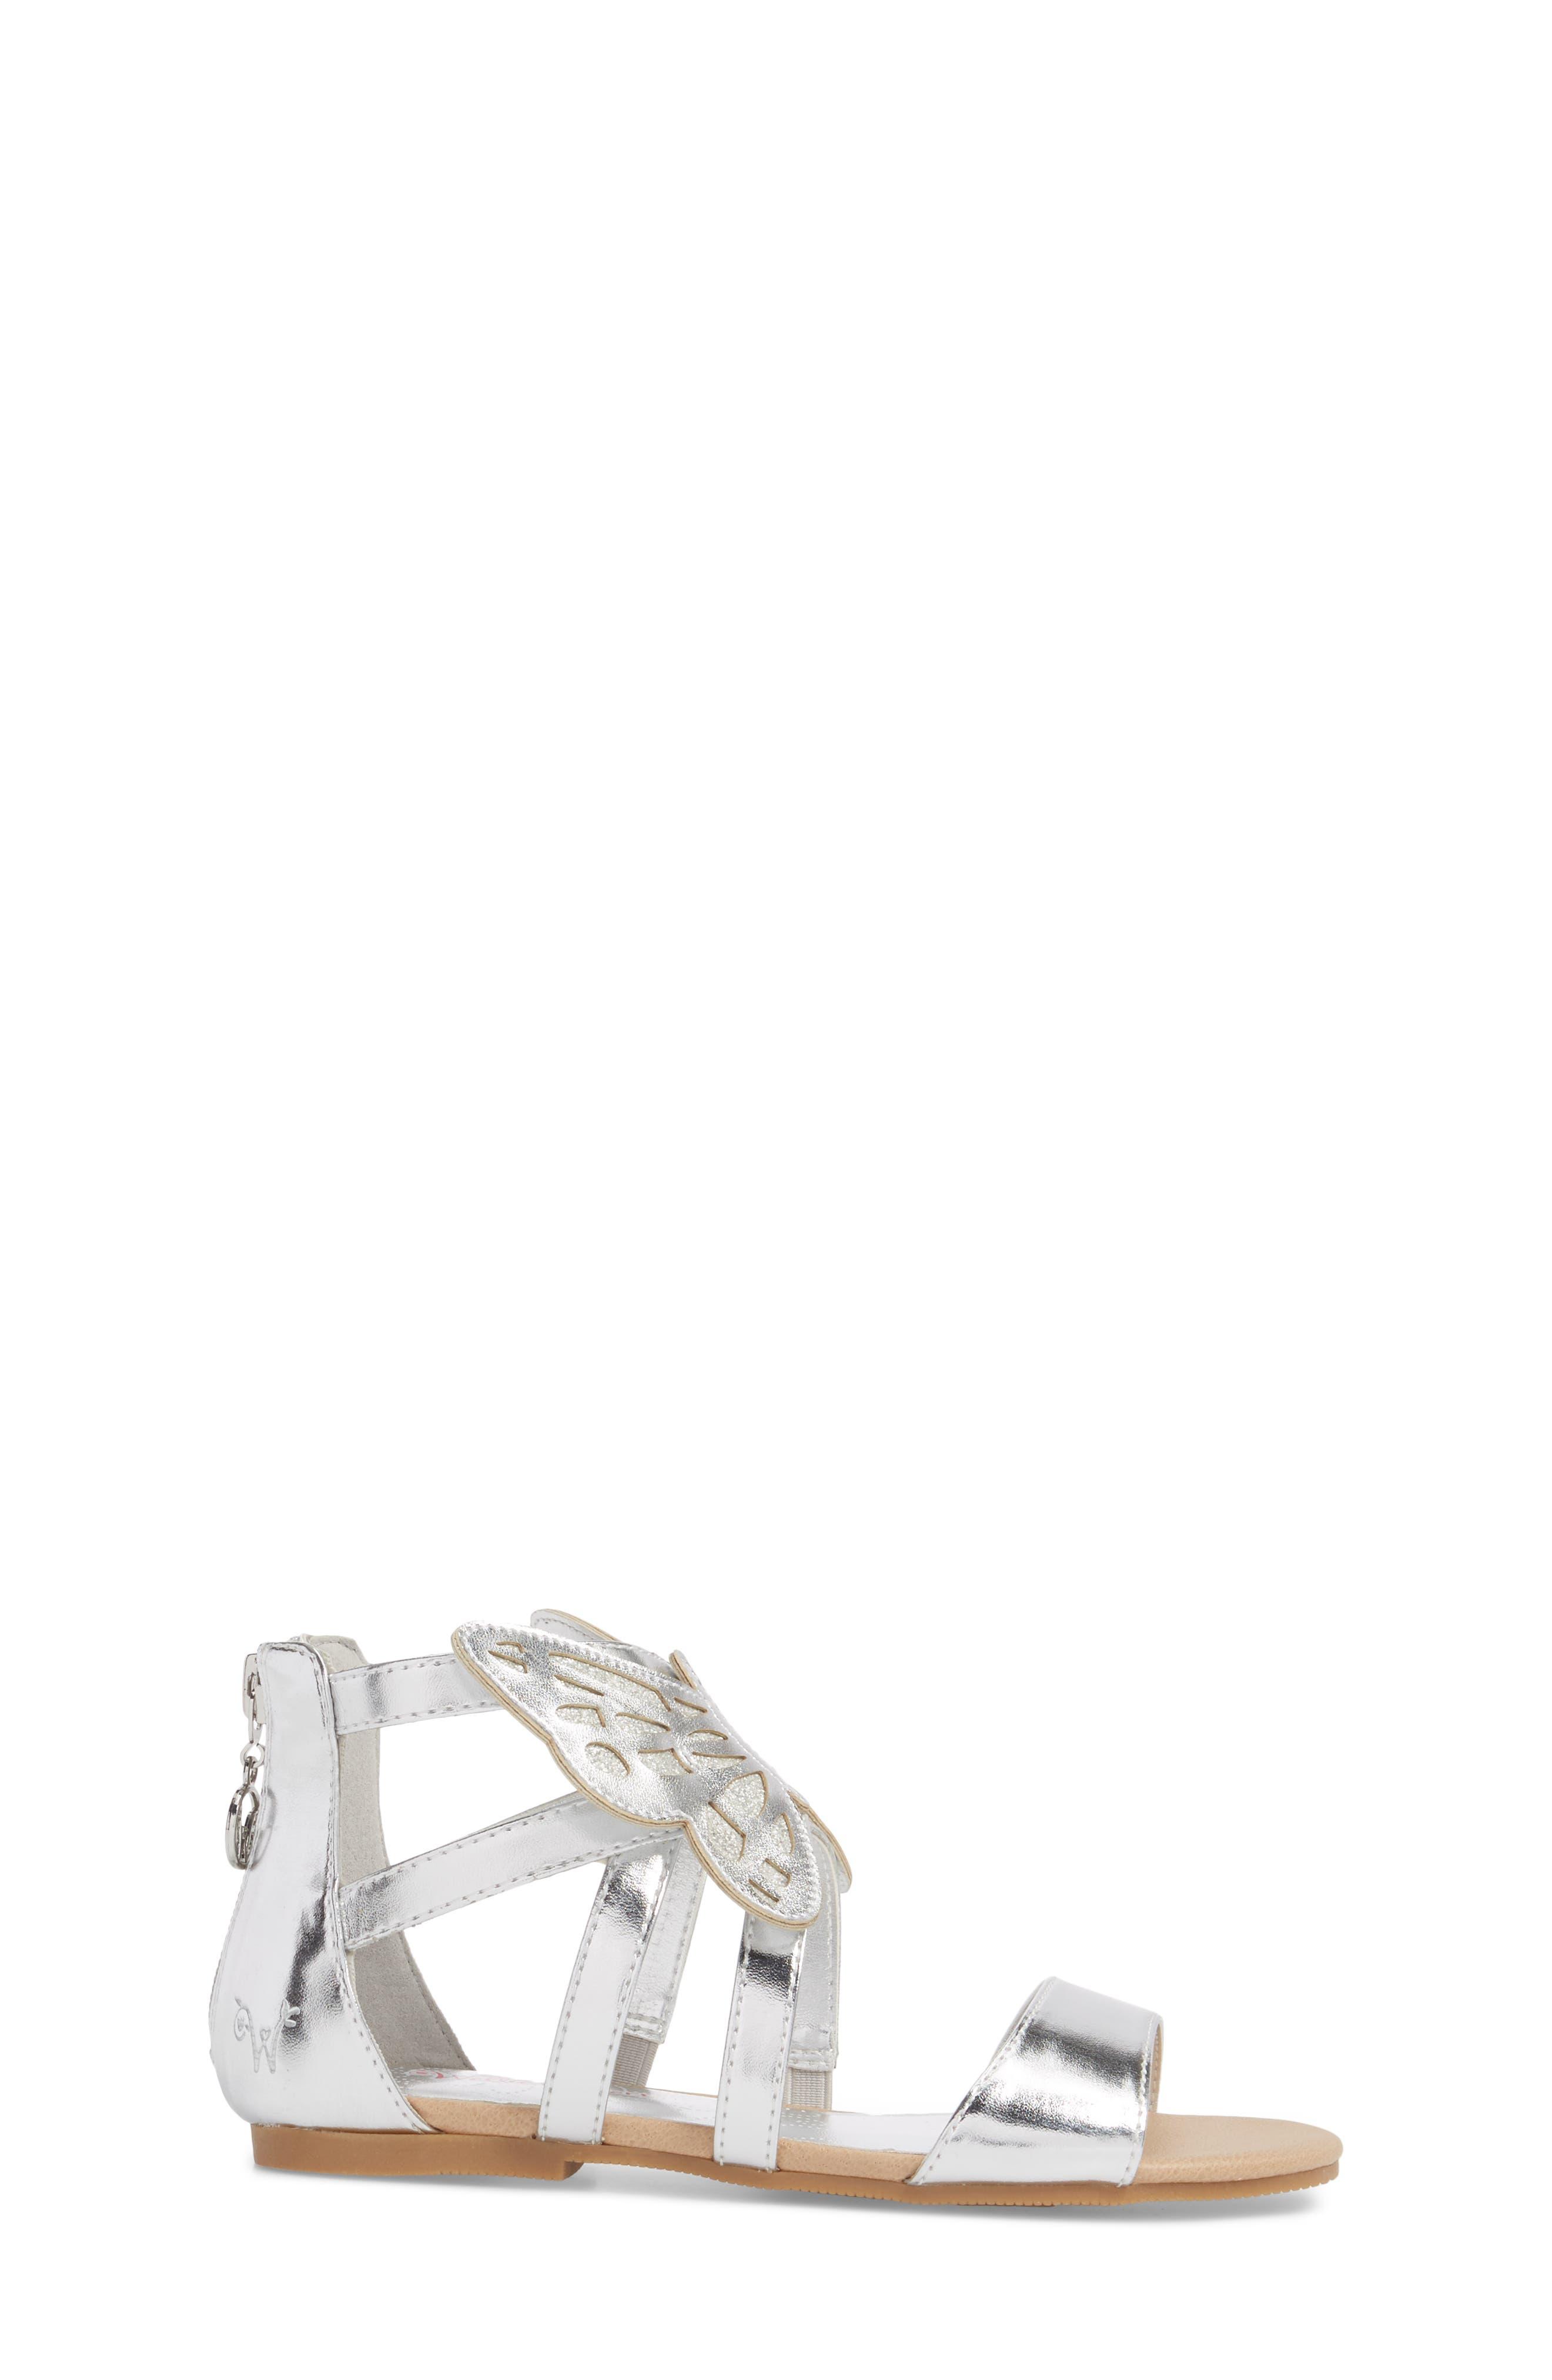 Willa Flutter Metallic Sandal,                             Alternate thumbnail 3, color,                             046